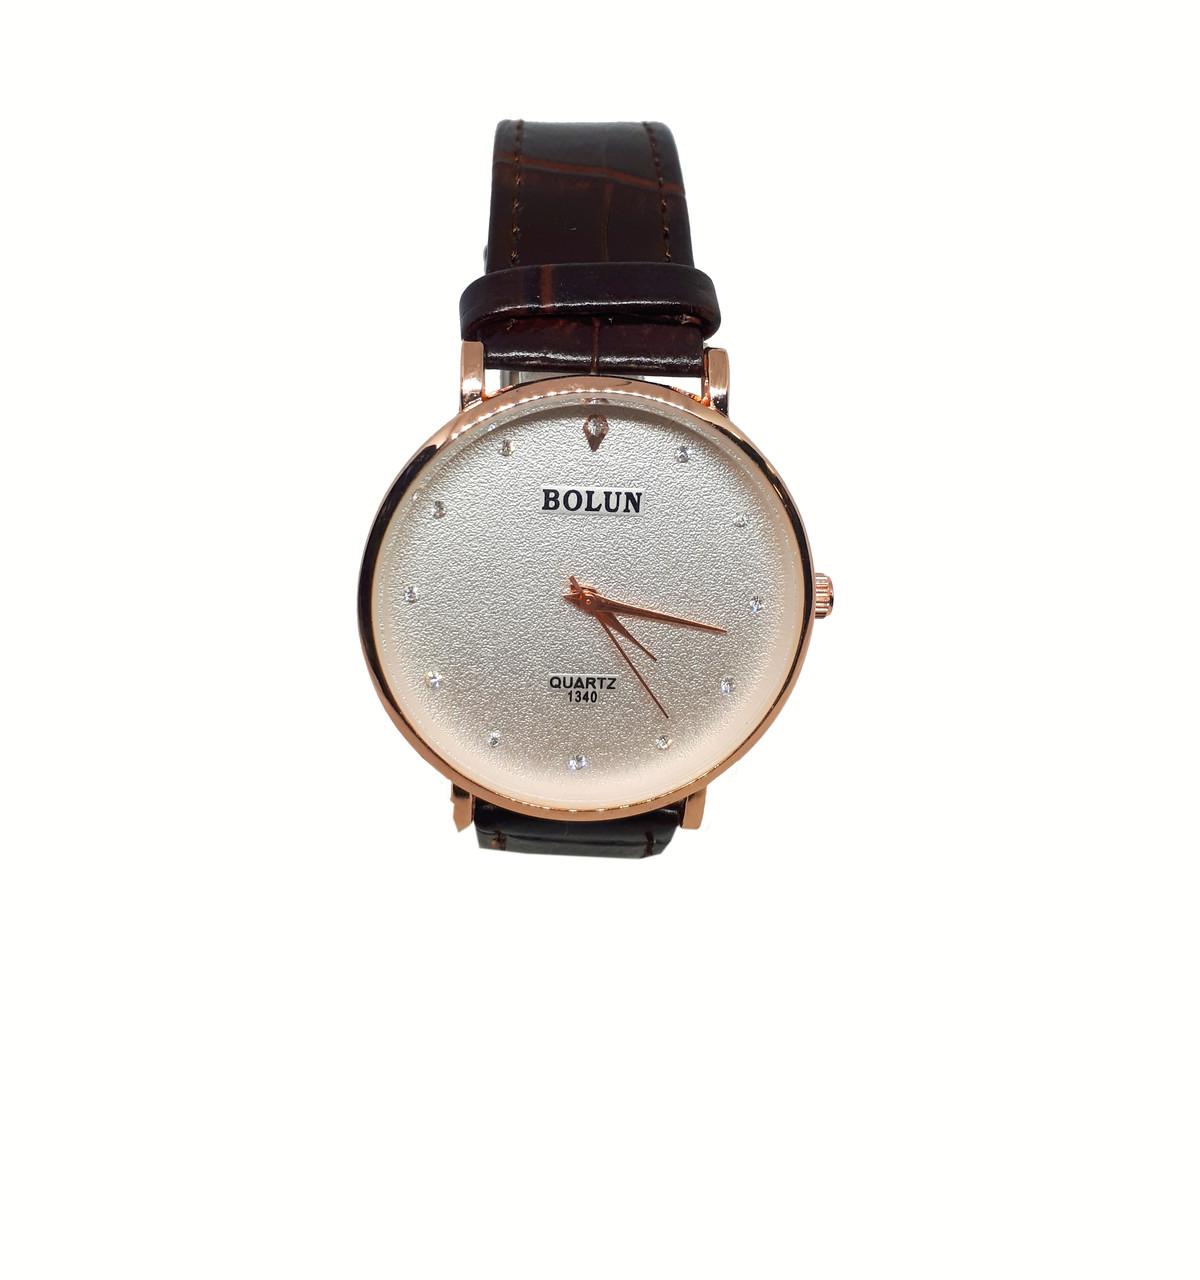 Мужские часы Bolun 1340 Коричневый опт